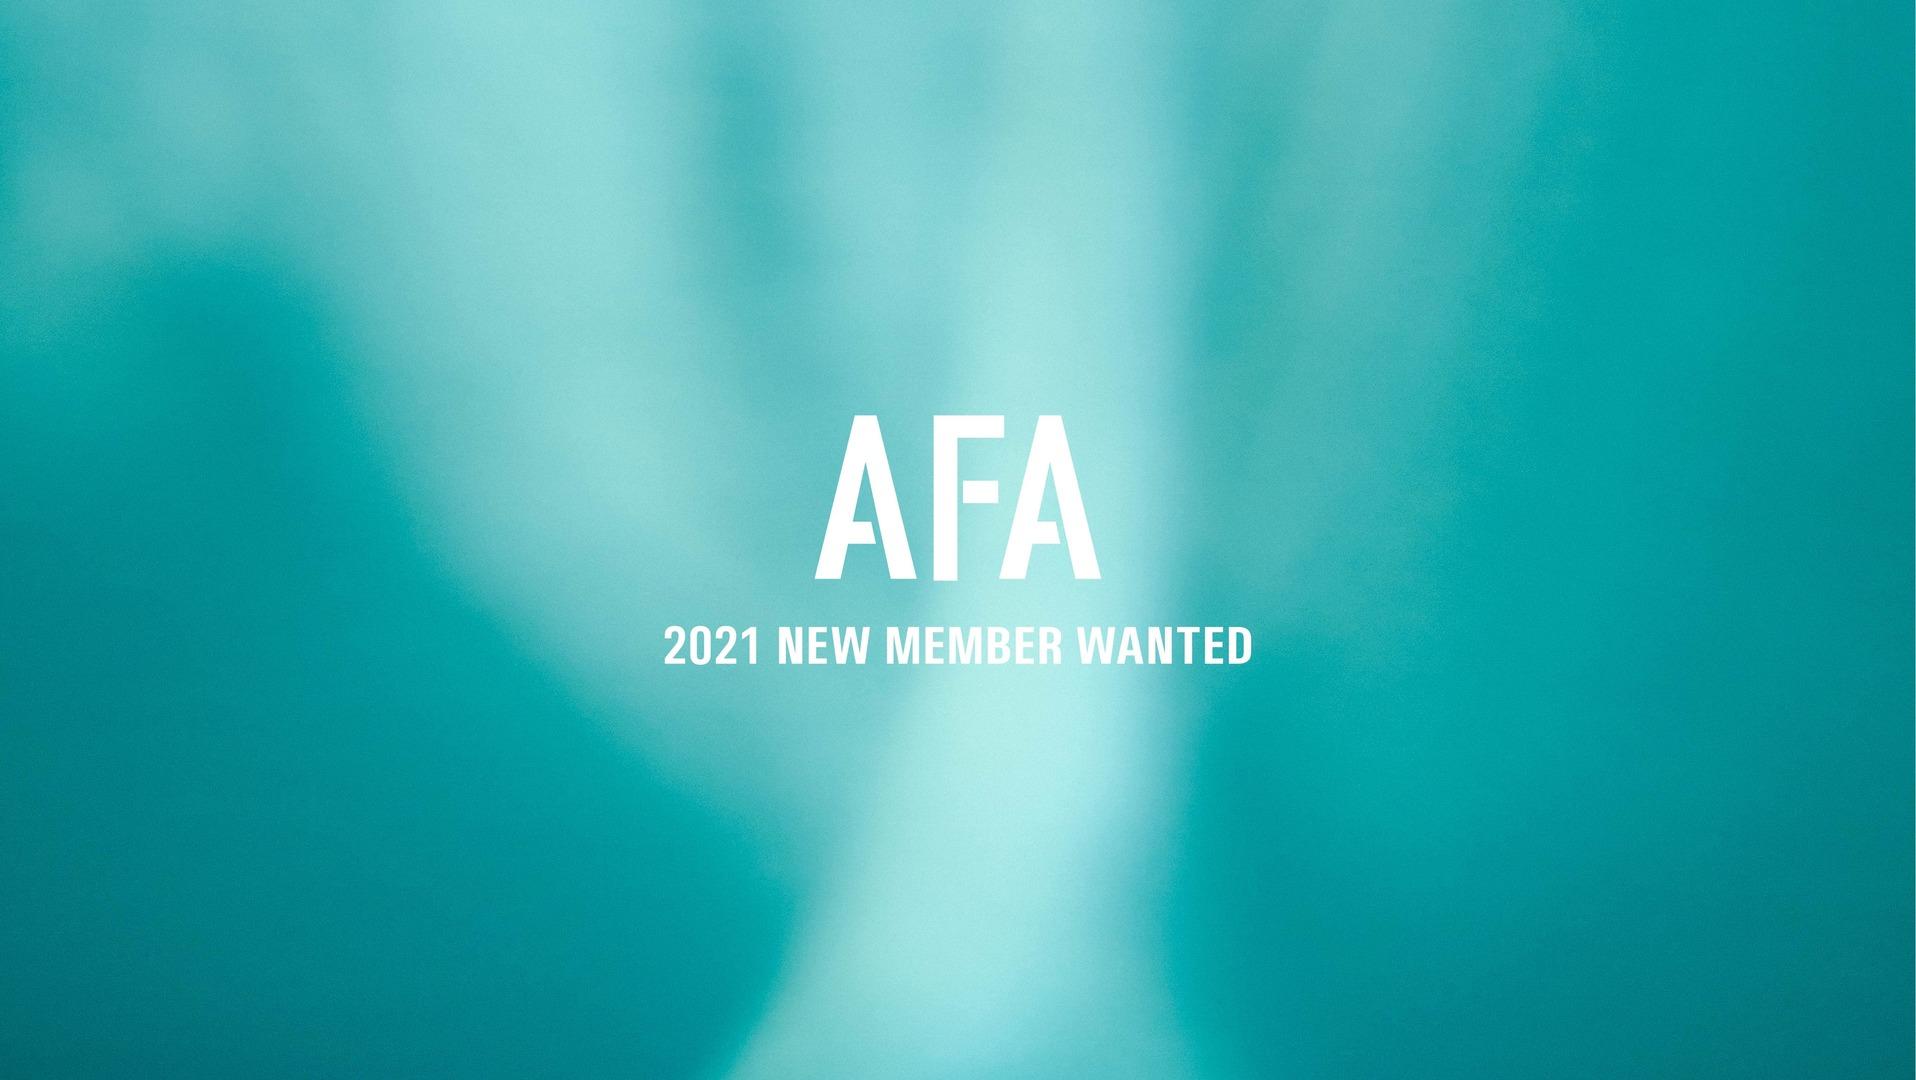 【学生団体】AFA2021 新規メンバー募集!【インカレ】のカバー写真